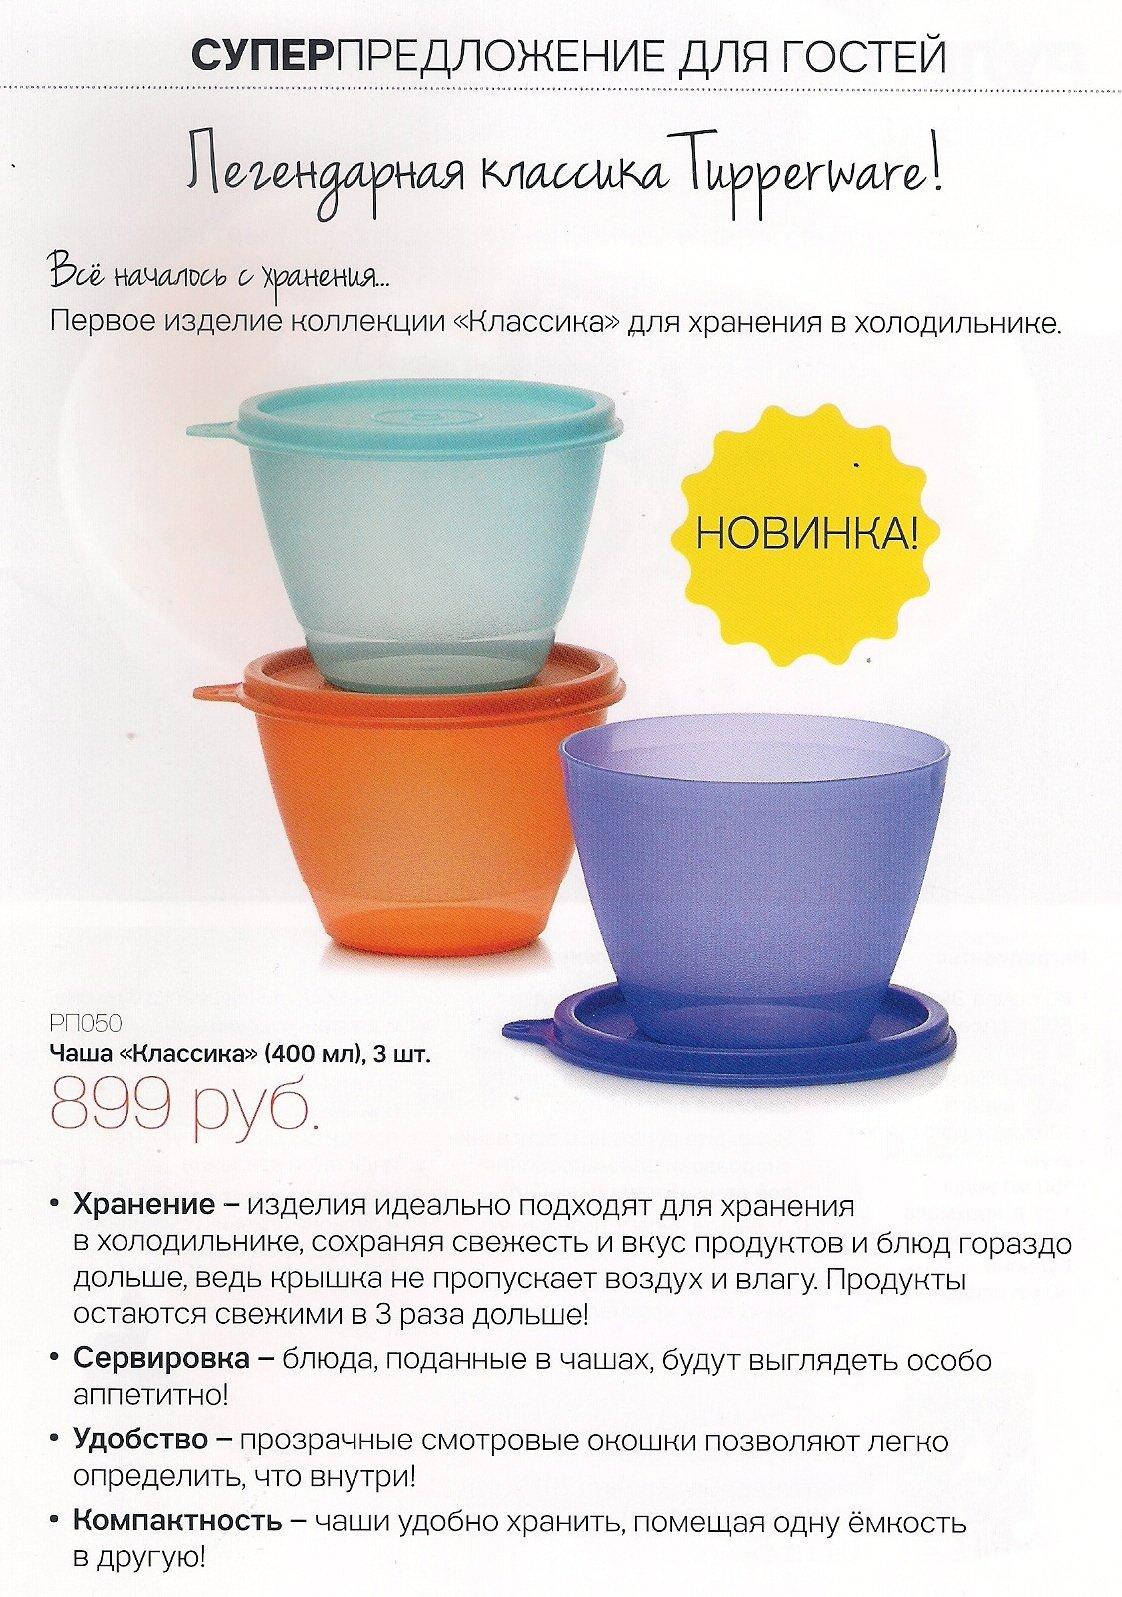 https://tupperware-online.ru/images/upload/2H.jpg